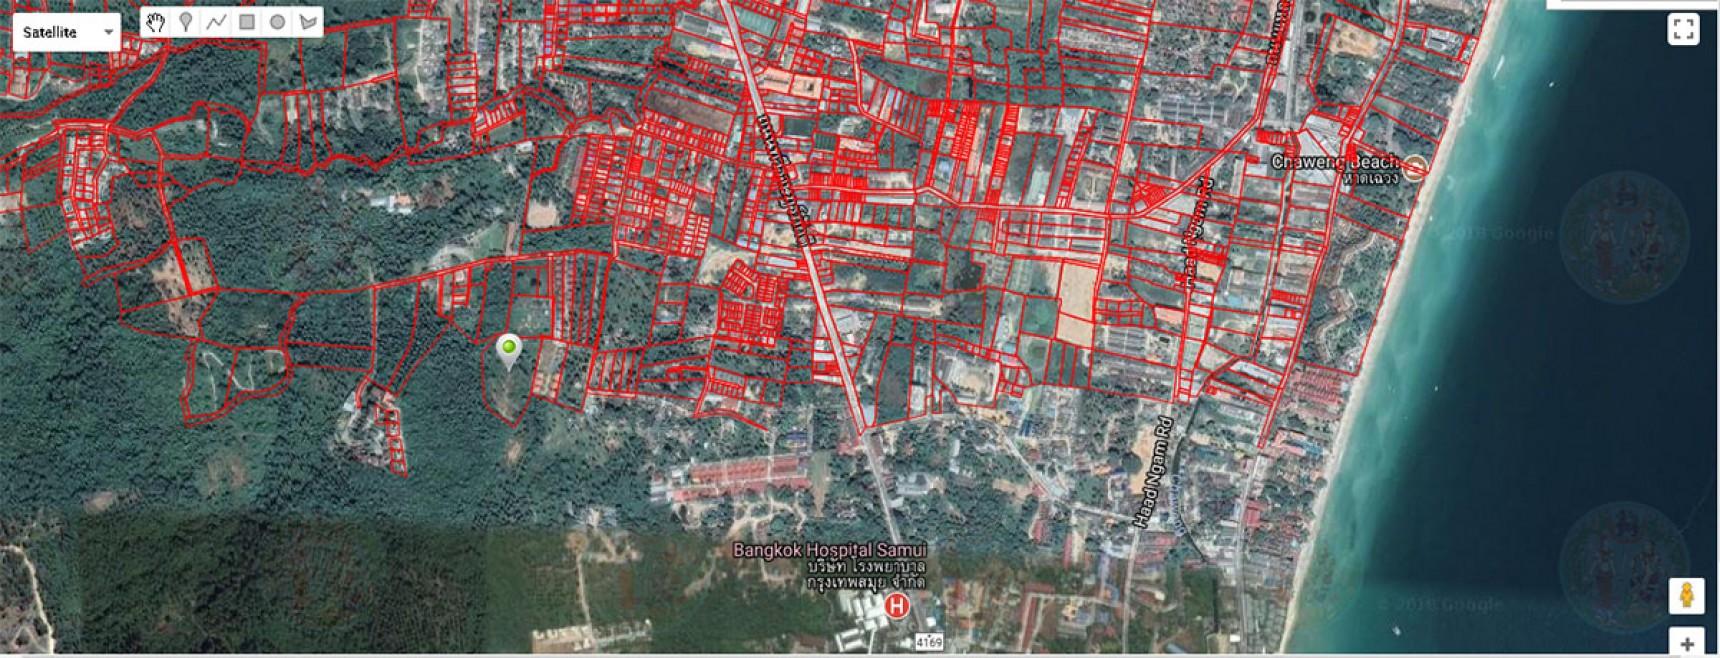 8 Rai Land For Sale Chaweng, Koh Samui (Thai-Real.com)